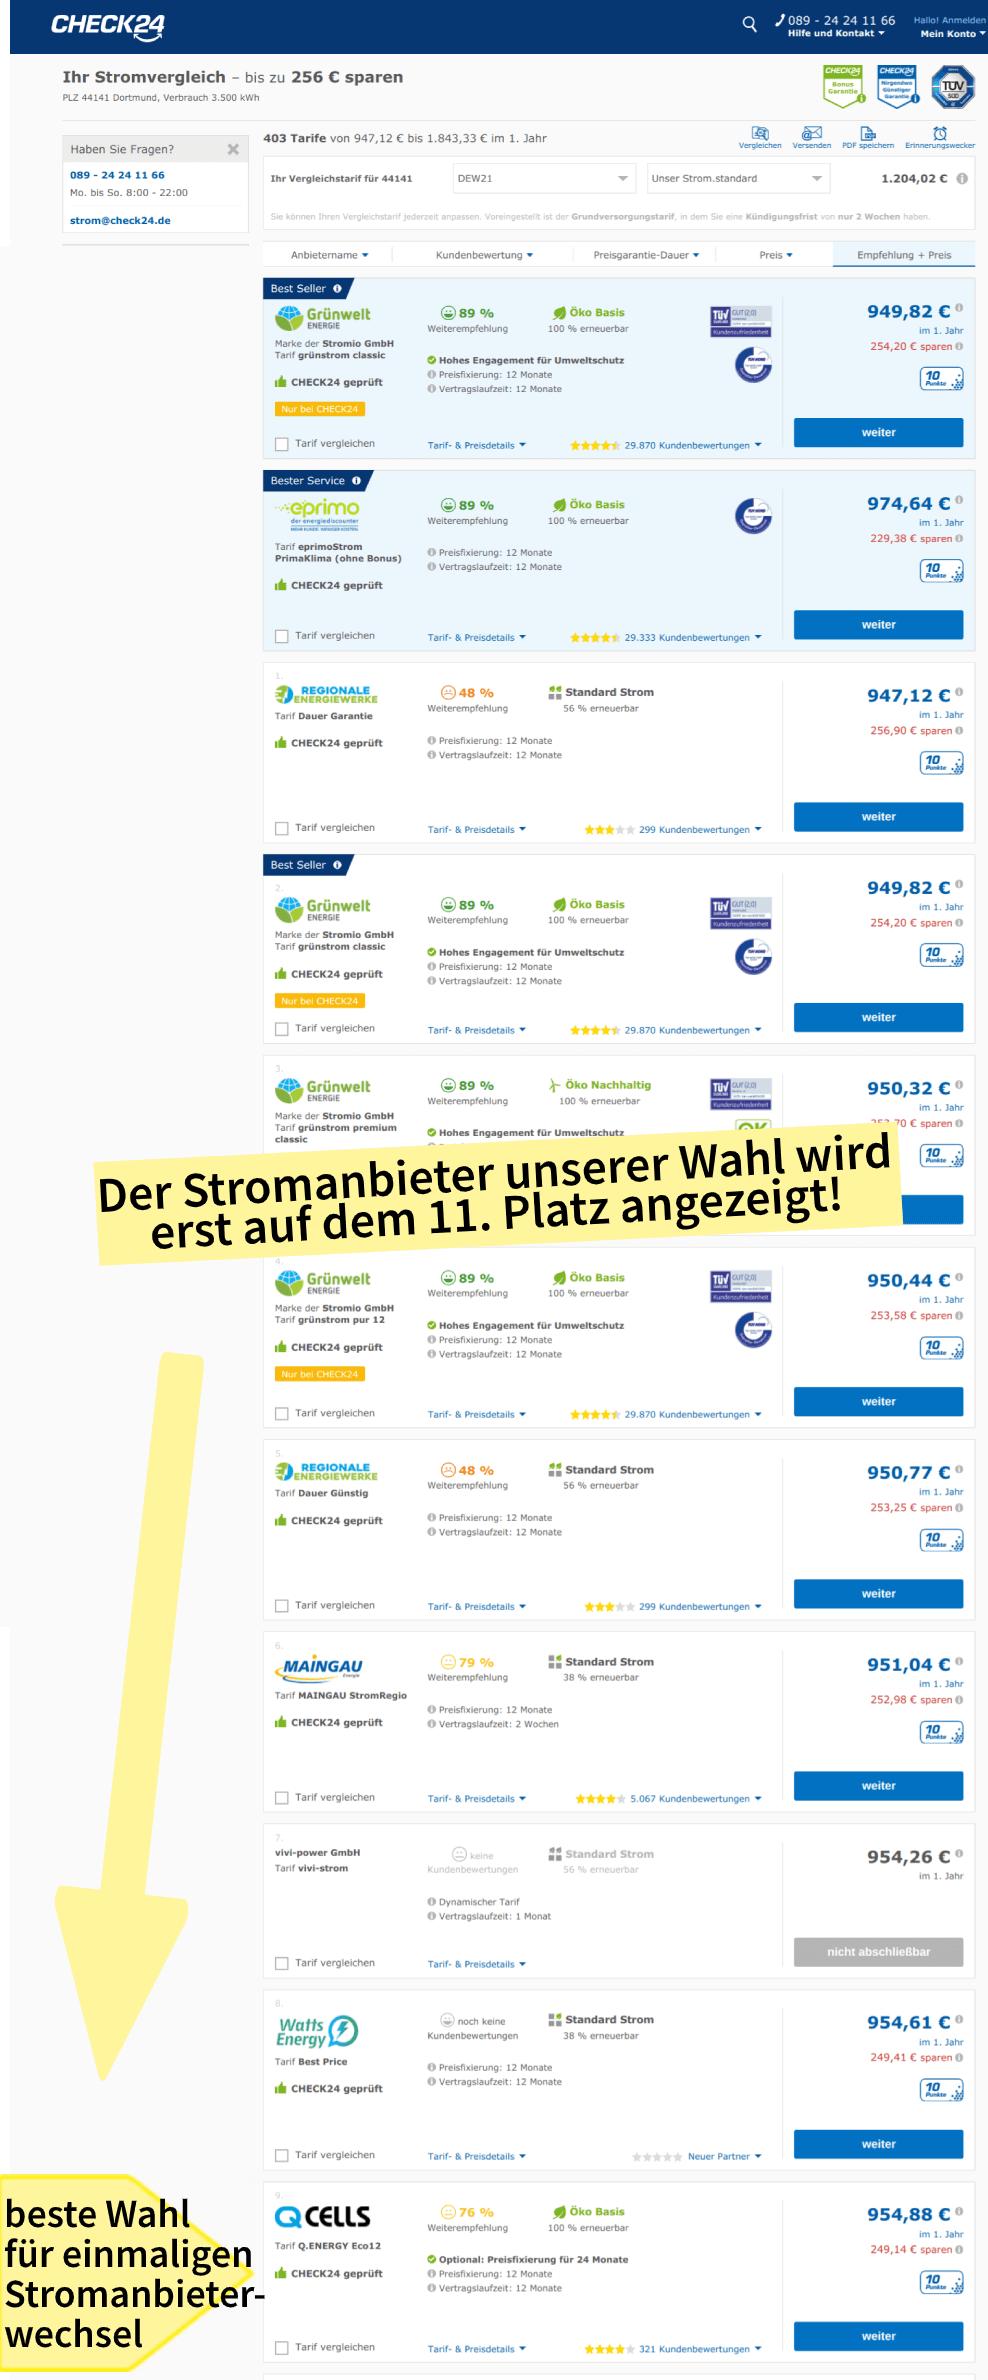 Die Ergebnisse bei Check 24 für einen einmaligen Wechsel des Stromanbieters in Dortmund